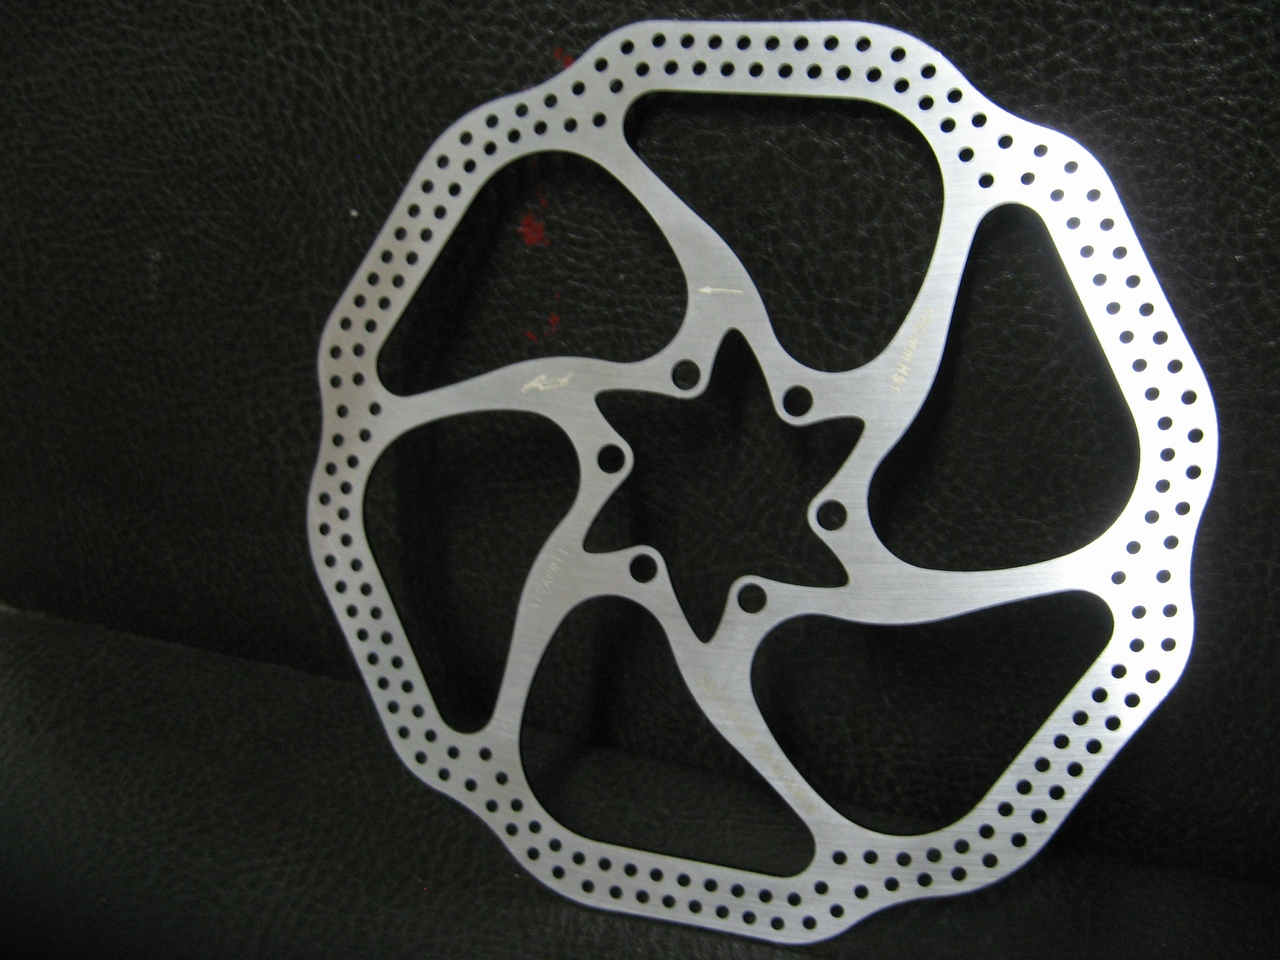 Тормозной диск Avid hs1 - 180 мм